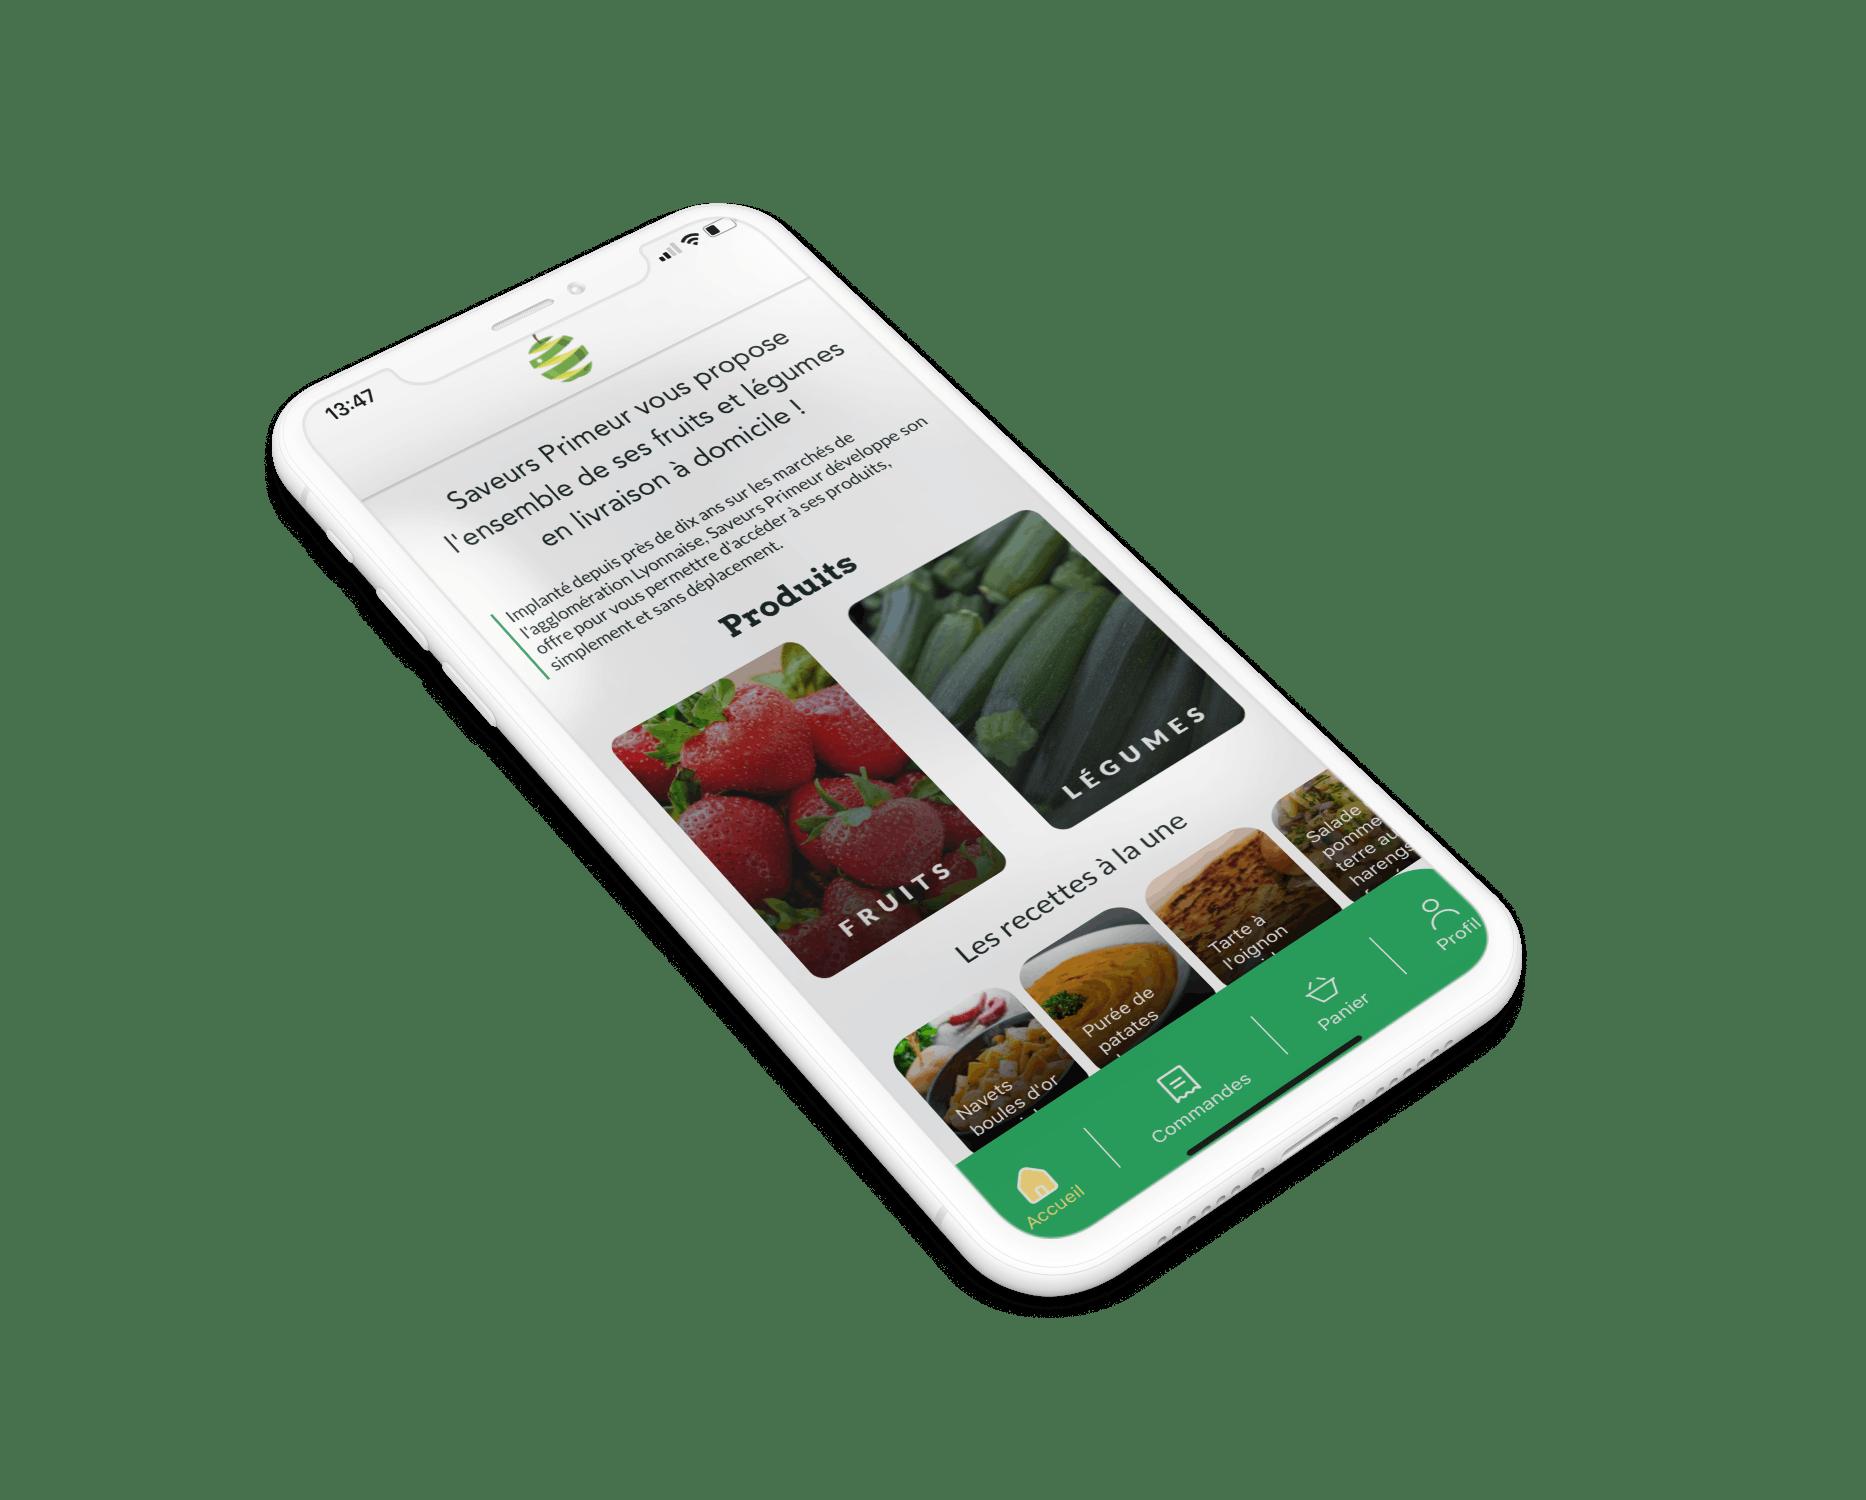 L'application lyonnaise qui vous livre des fruits et légumes frais